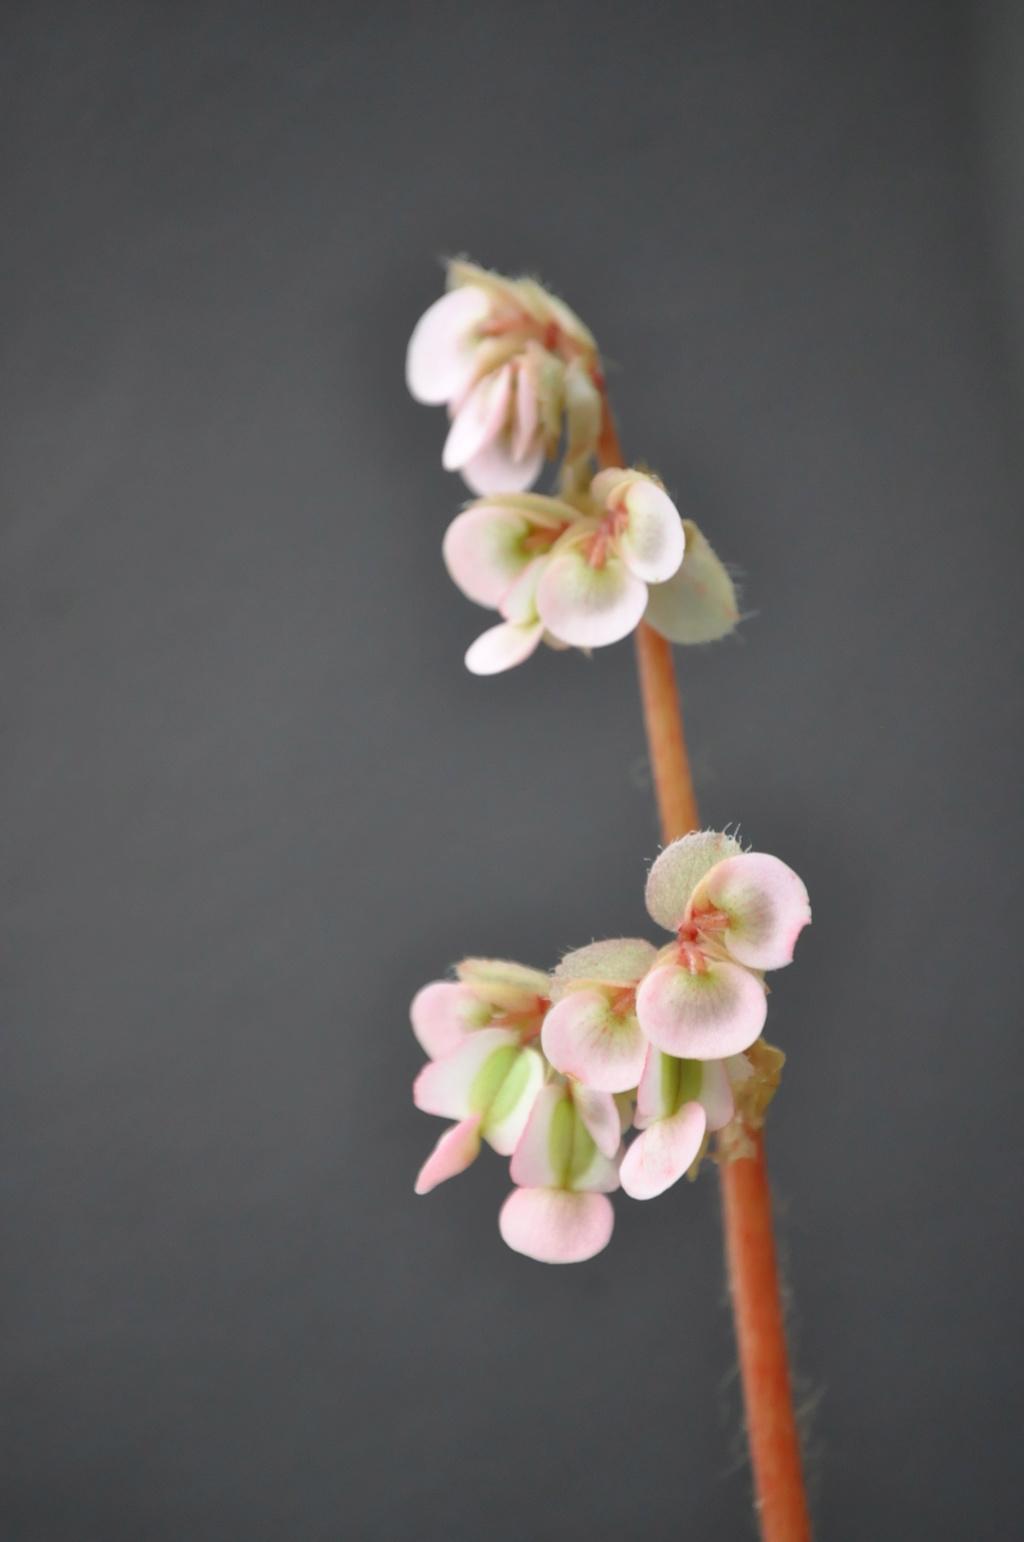 Begonia 'Jacqklod' Janvie68